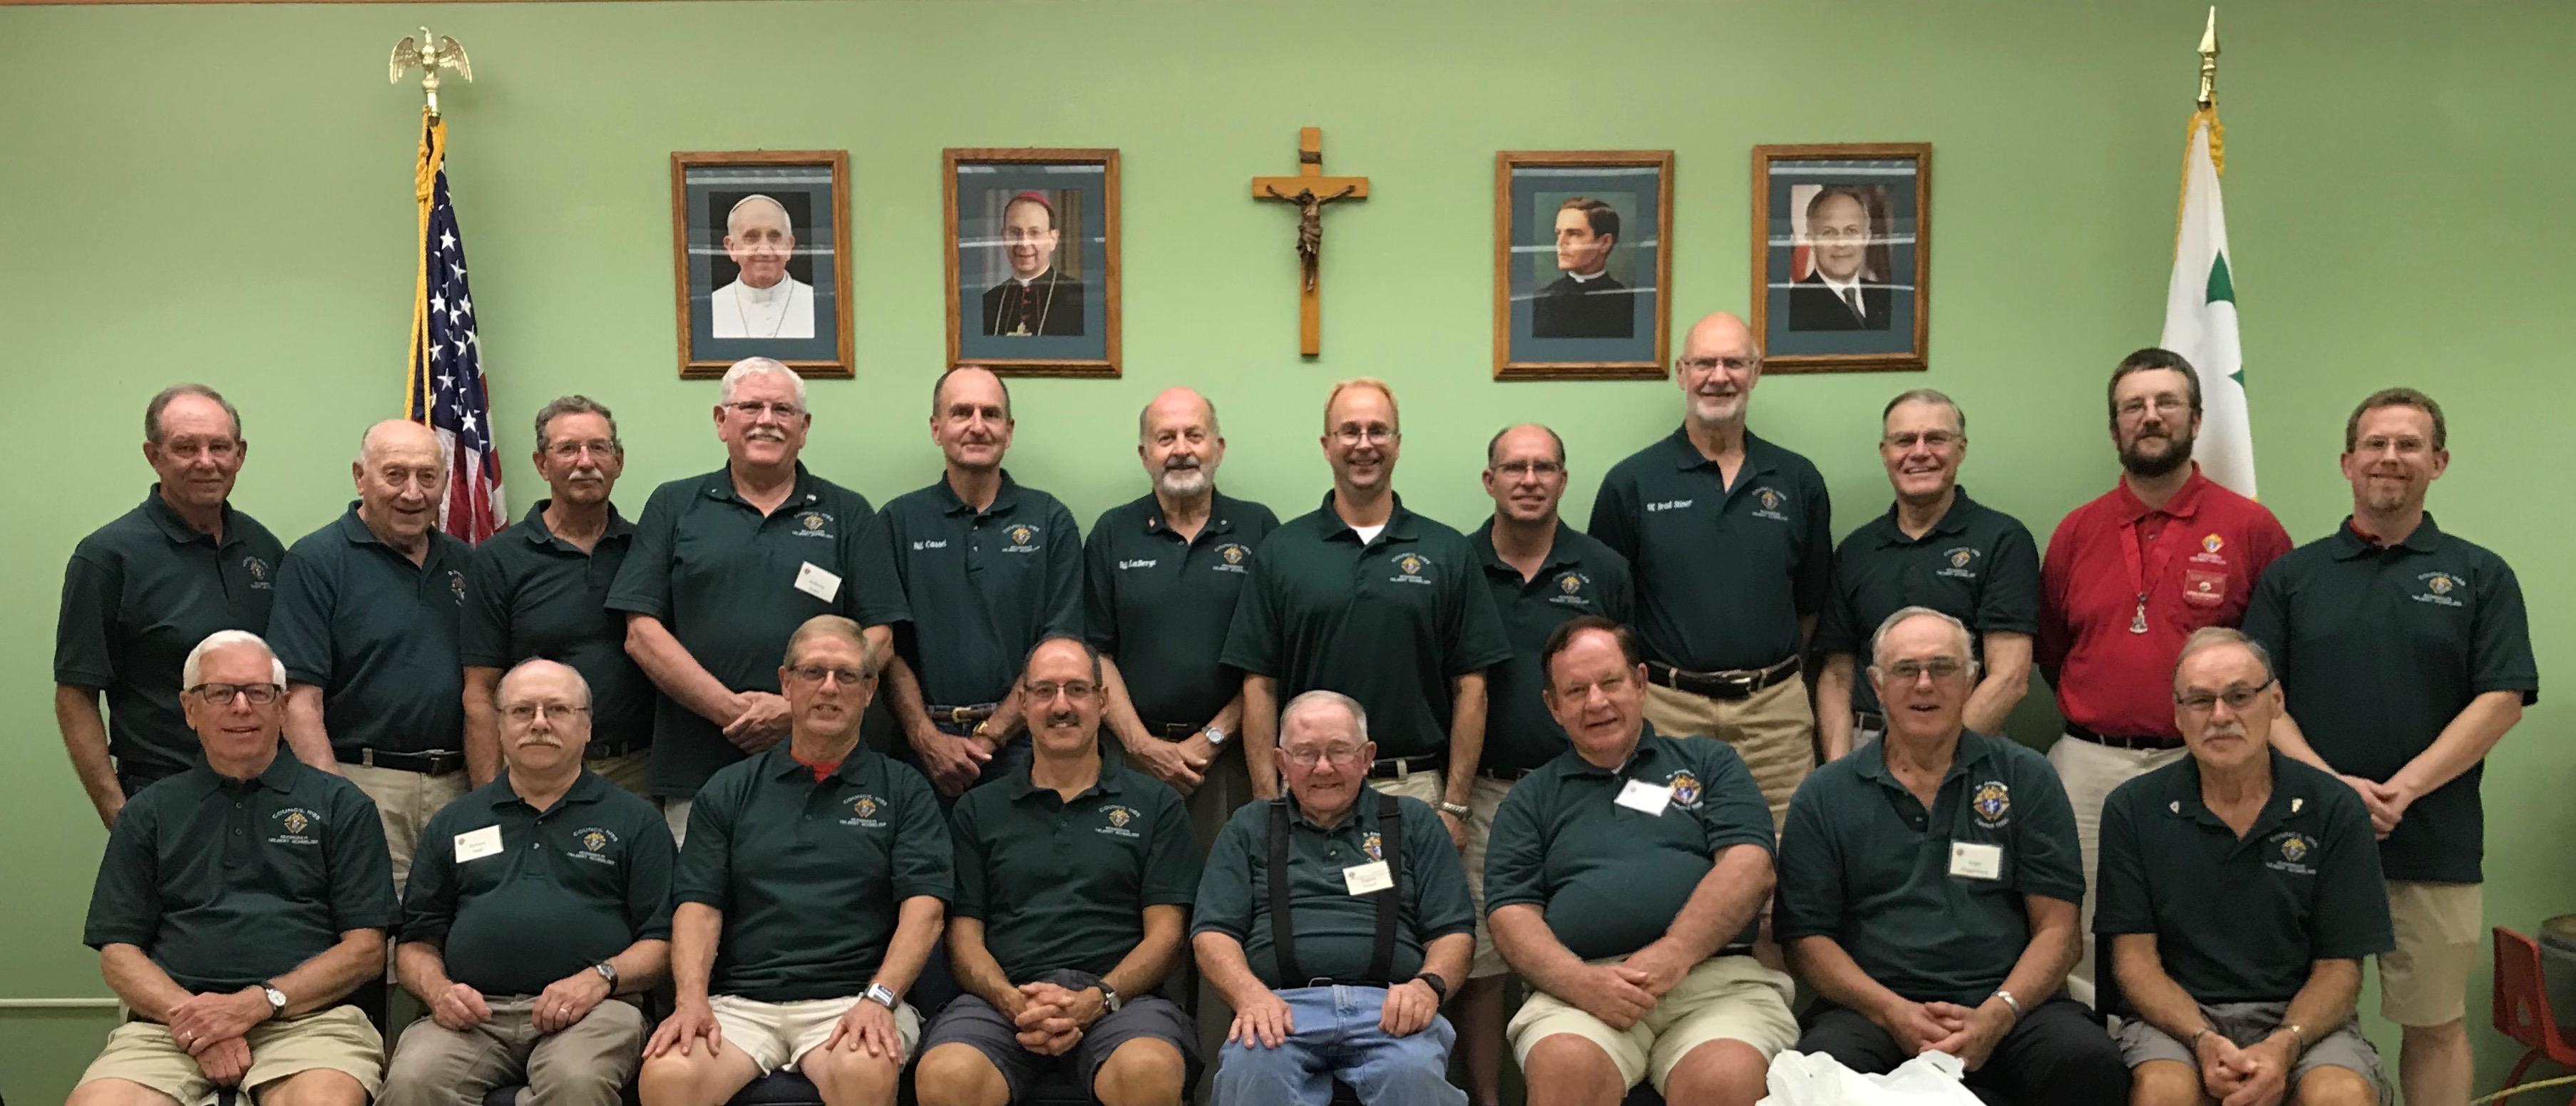 Knights of Columbus Verona Council #11155